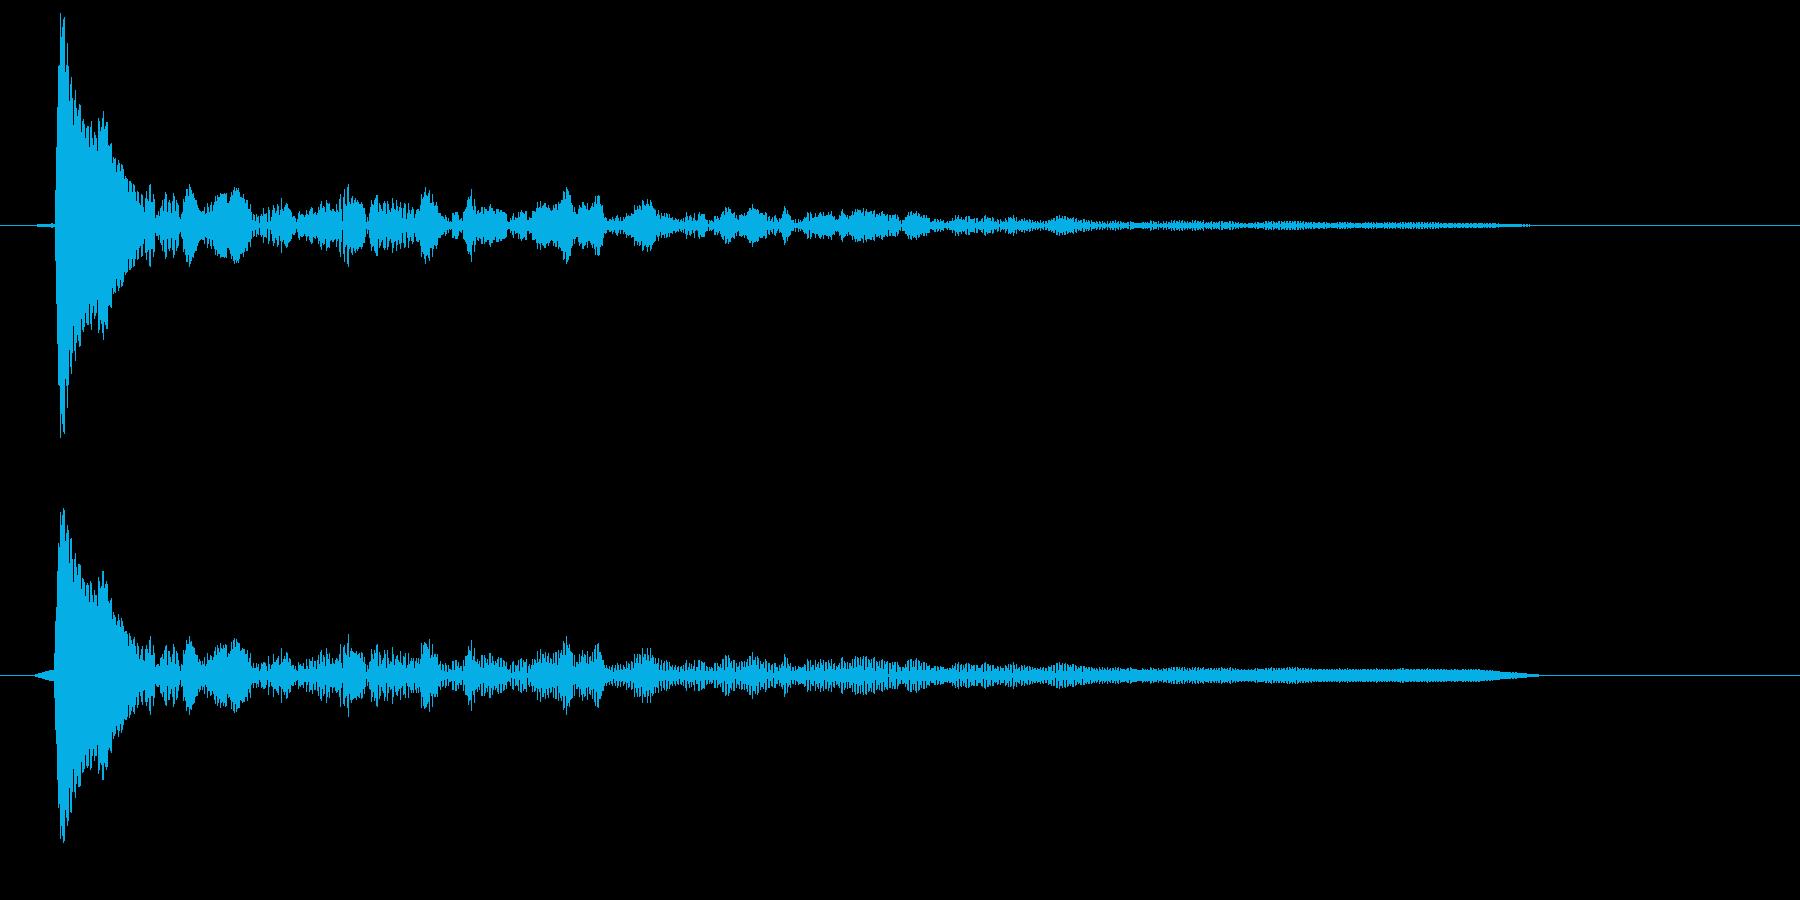 コン(固い木材の音色)の再生済みの波形